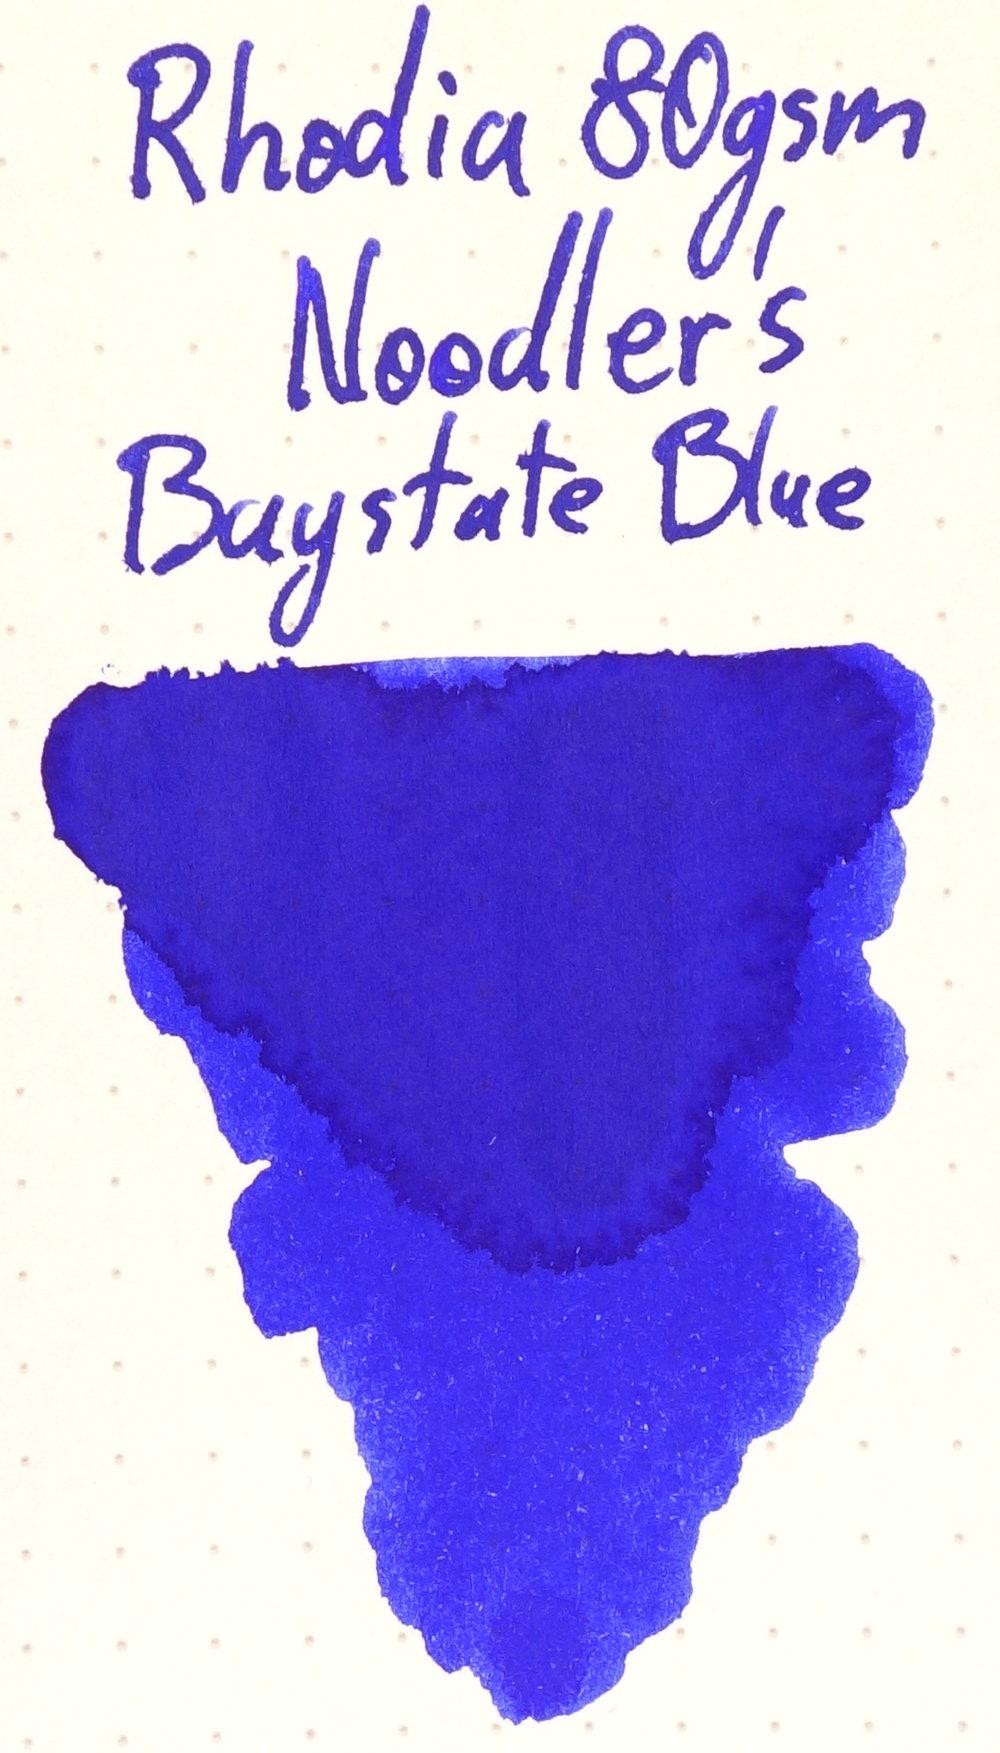 Noodler's Baystate Blue Rhodia.JPG